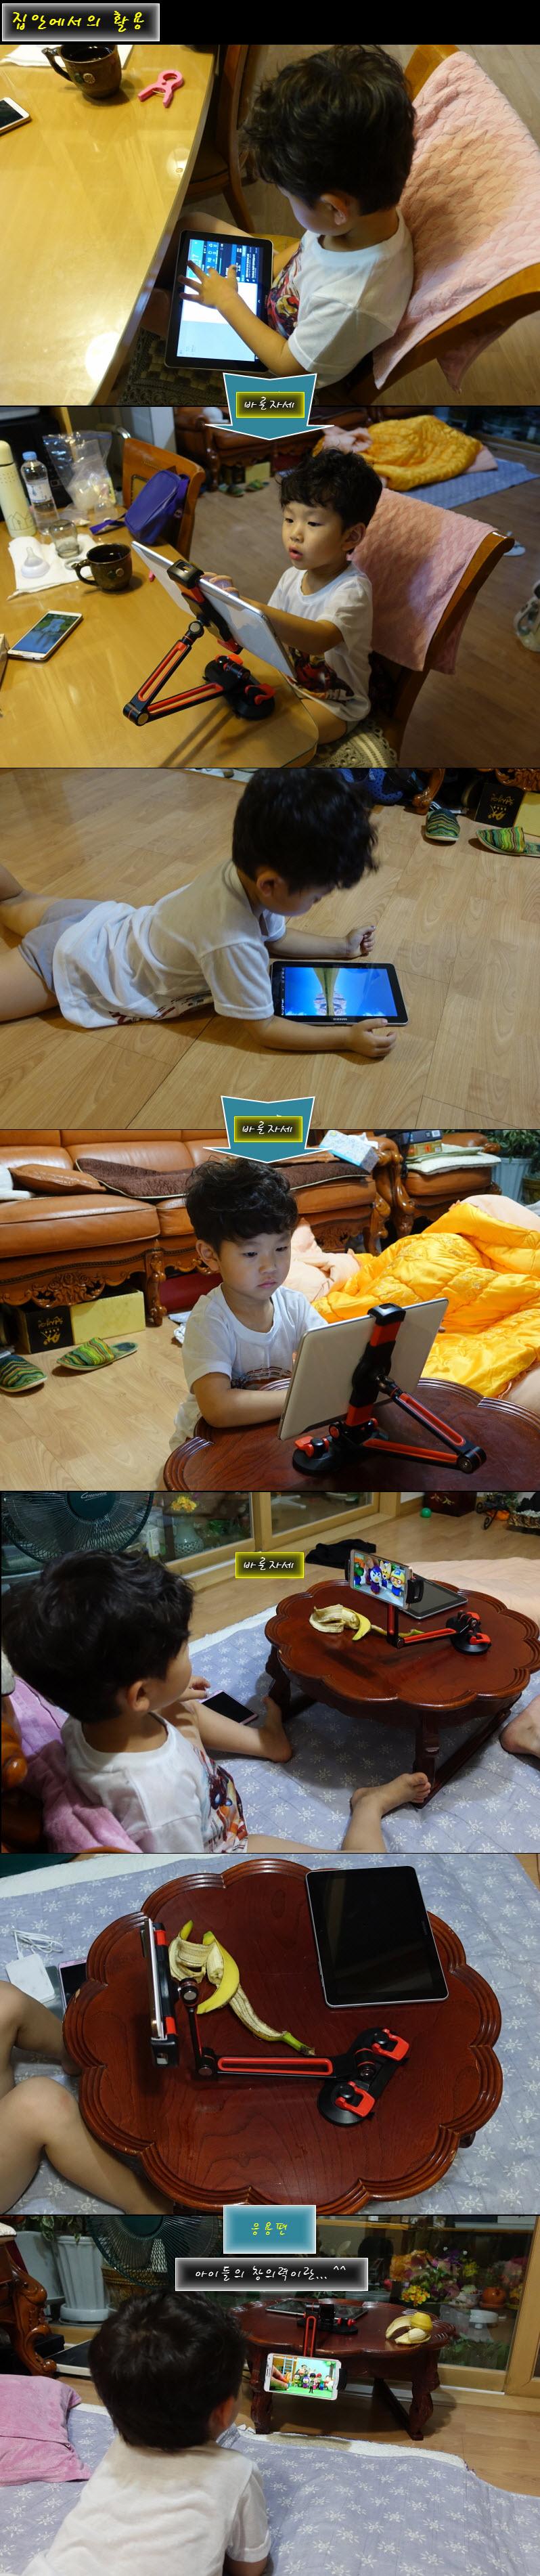 집안에서의 활용.jpg